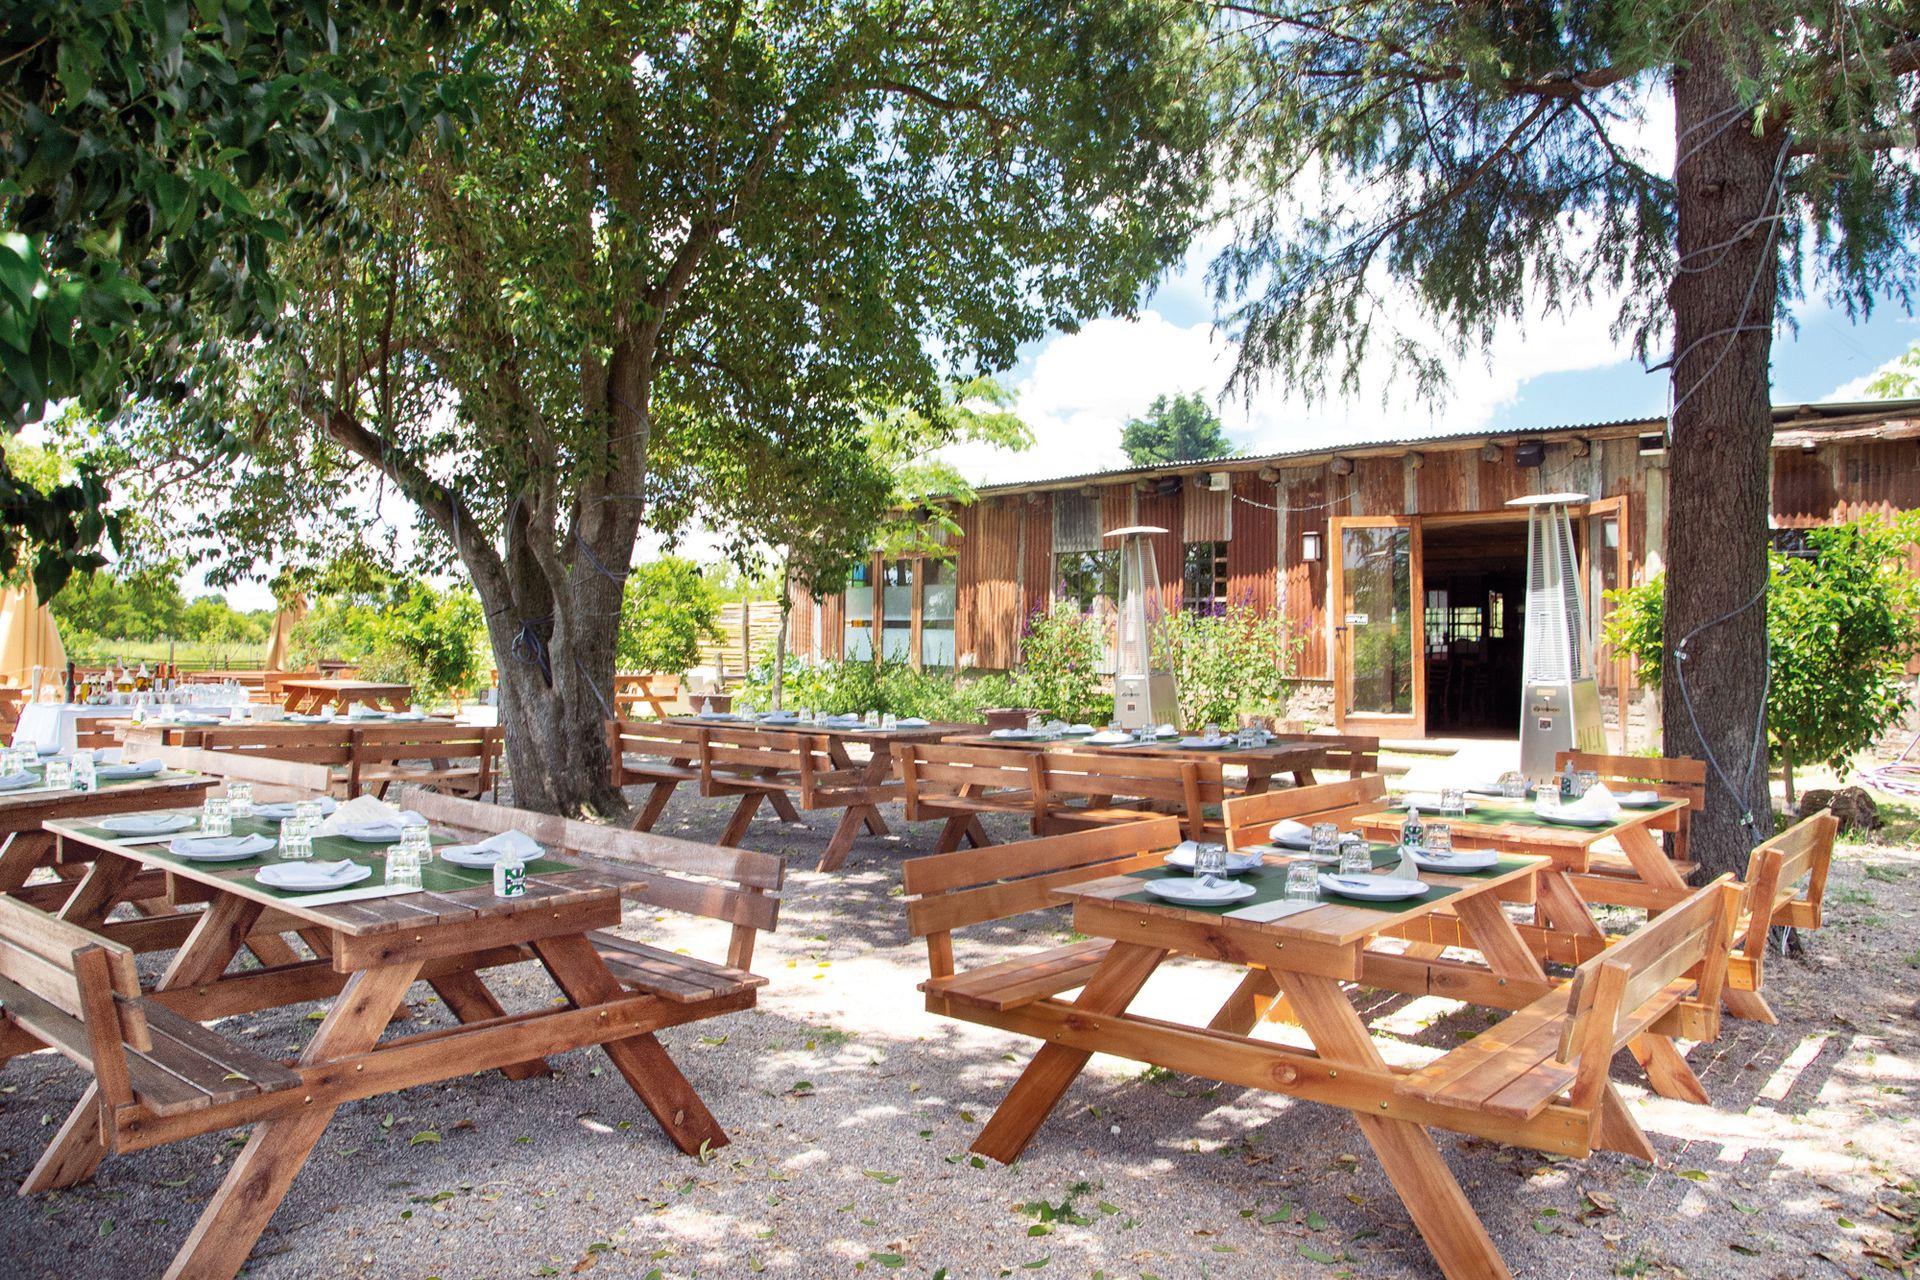 A la sombra de los árboles se encuentran las mesas desde donde se aprecia el campo quebrado típico de la zona de Cardales.